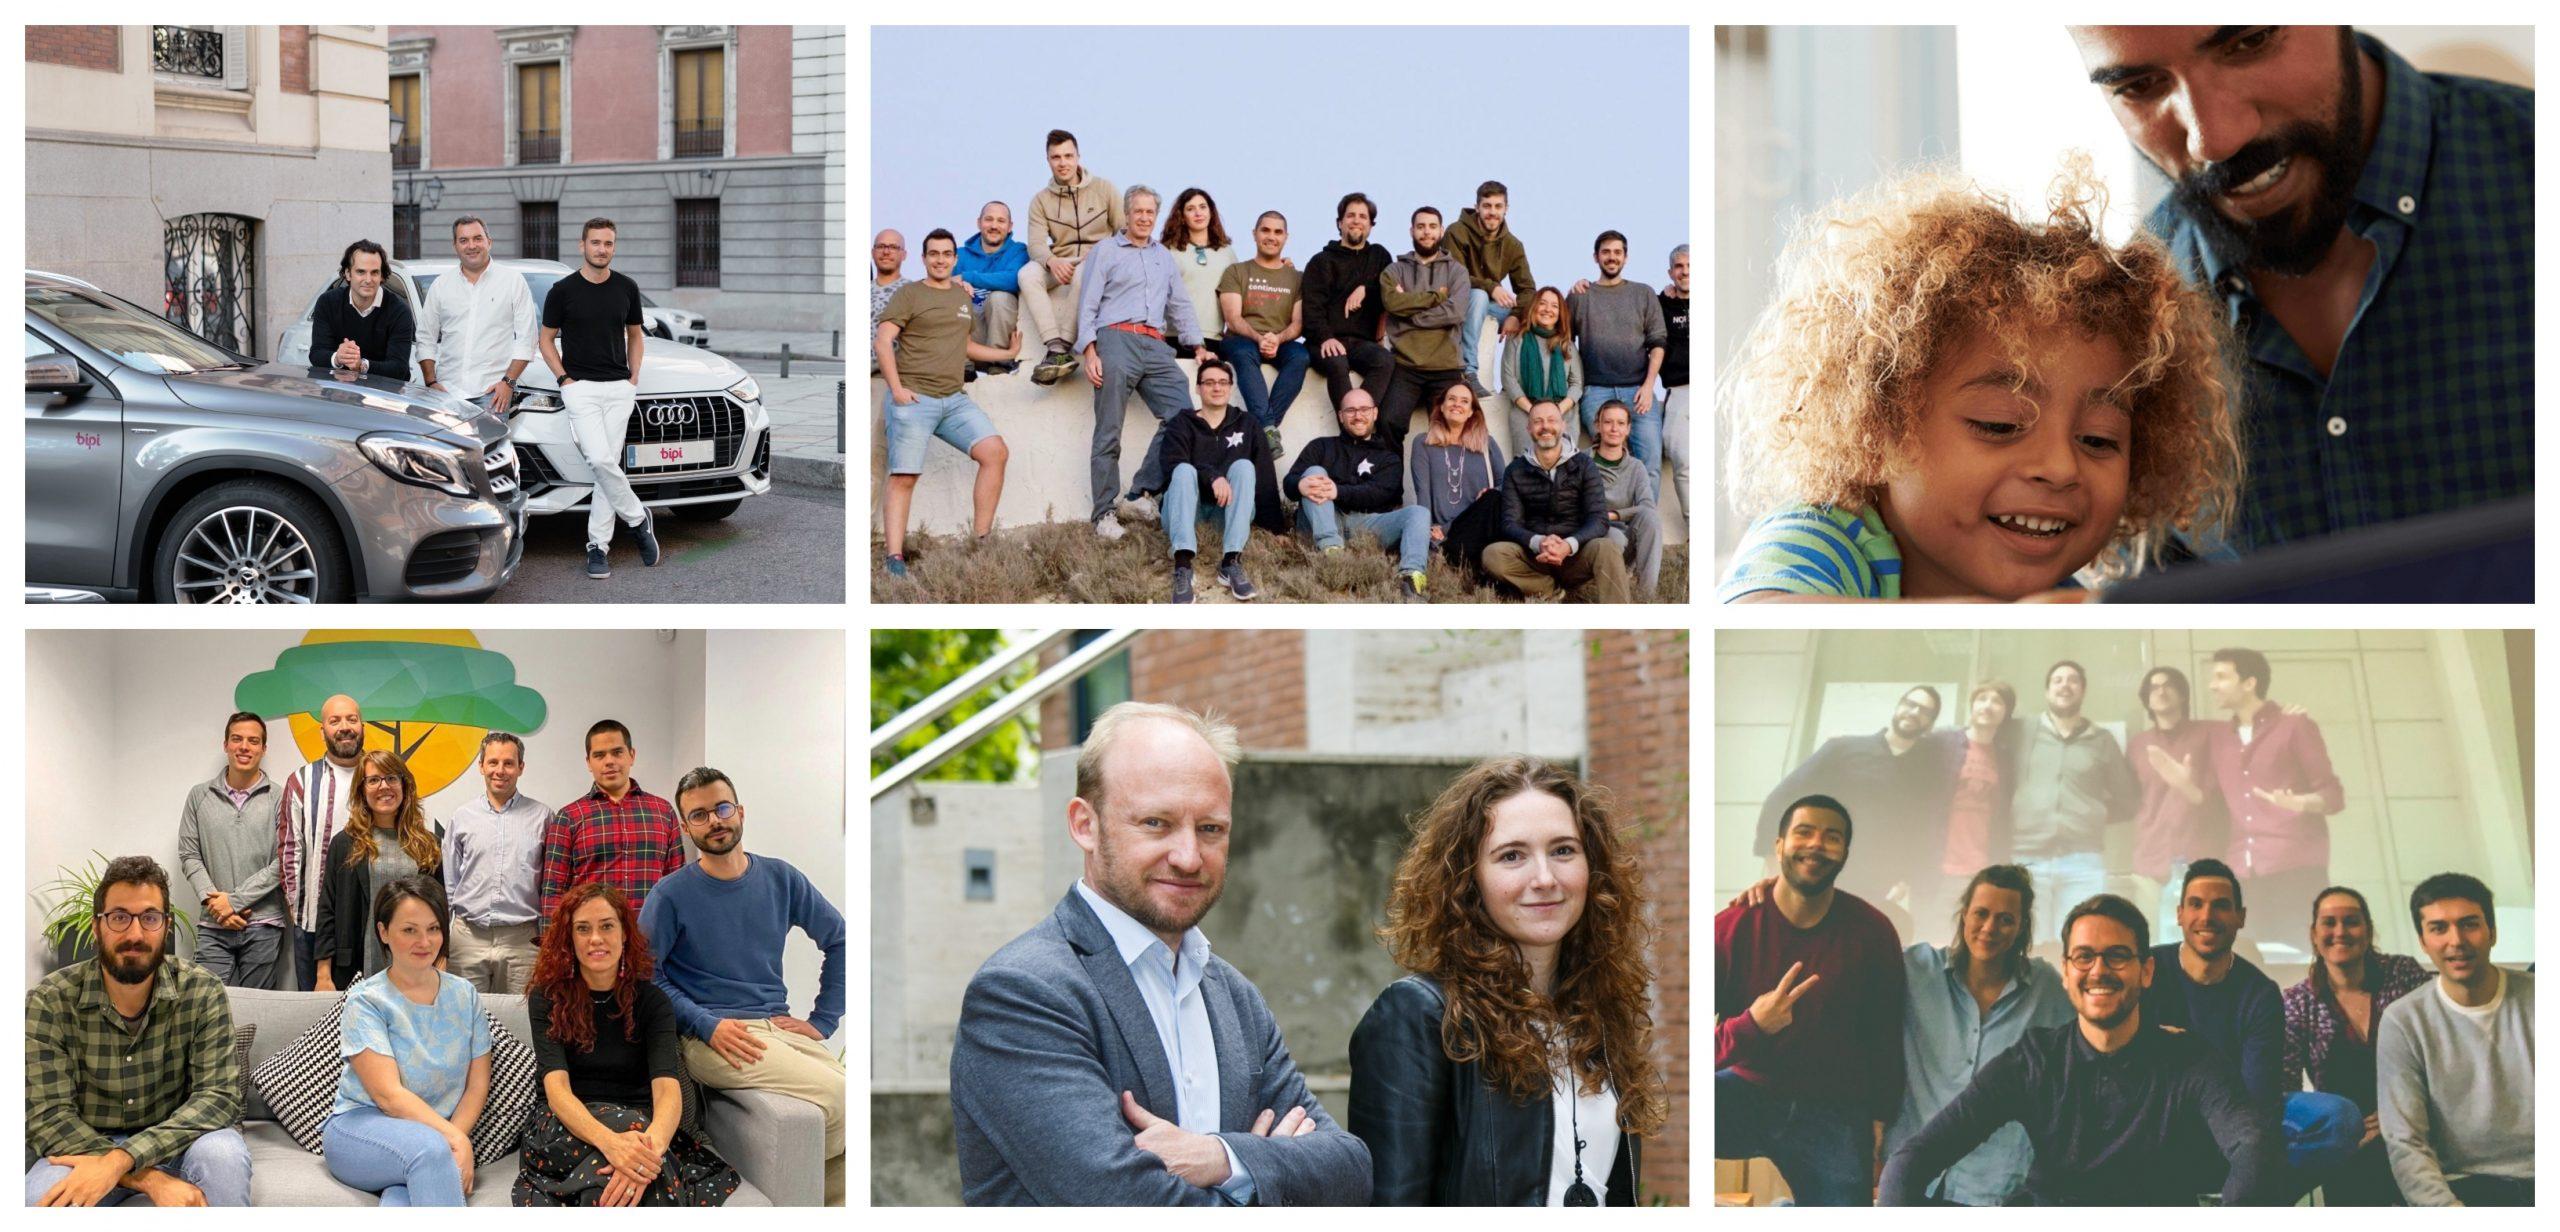 Octubre de 2020 cierra con 107 millones de ueros invertidos en startups españolas